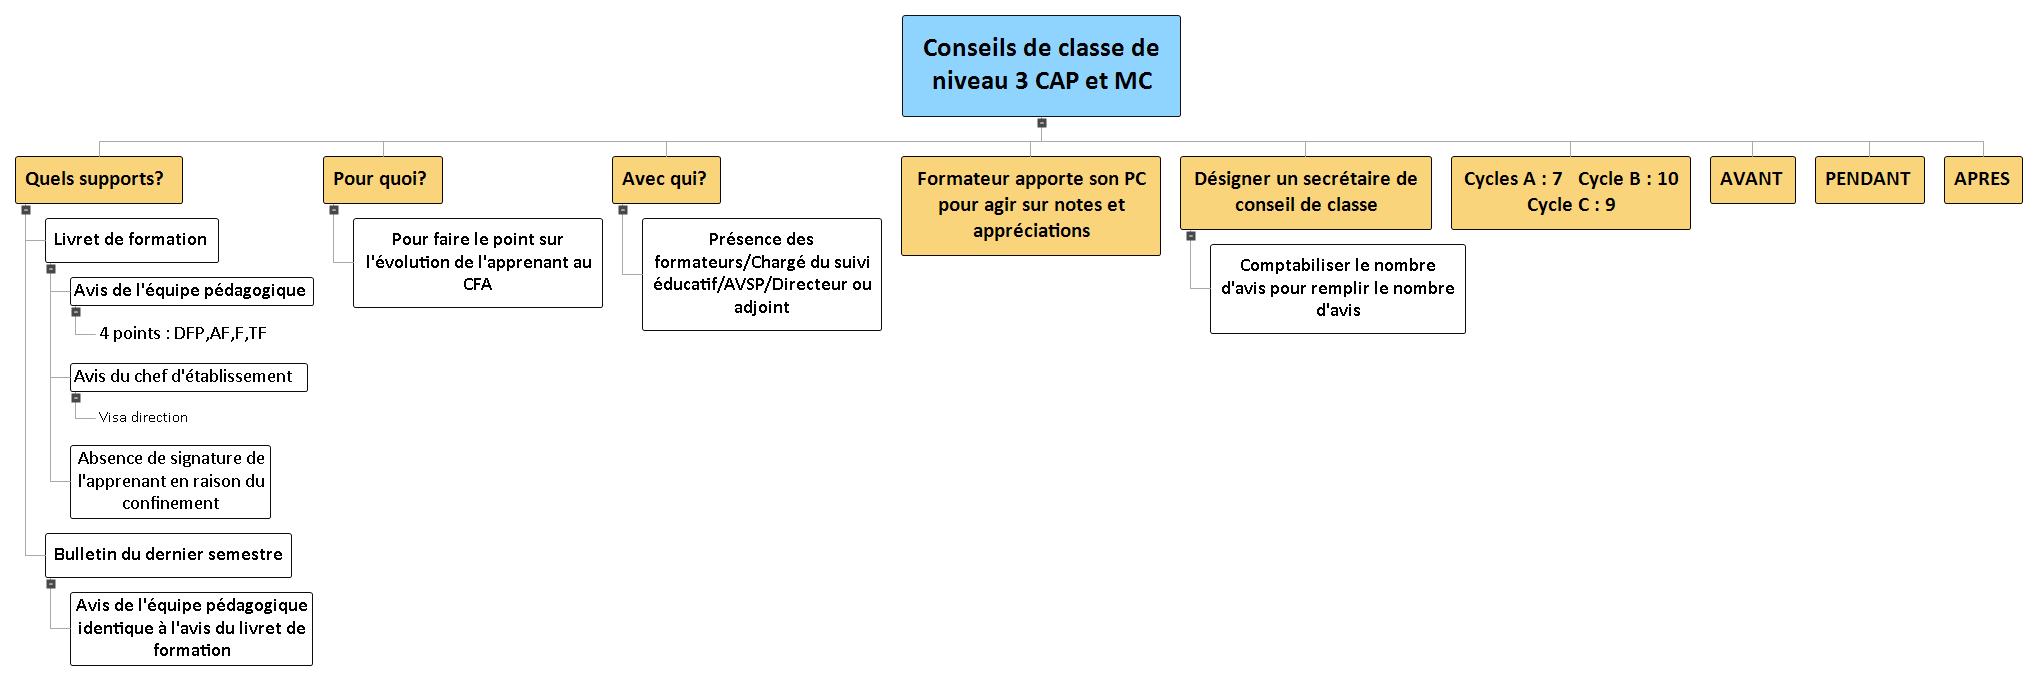 Conseils de classe de niveau 3 CAP et MC WBS